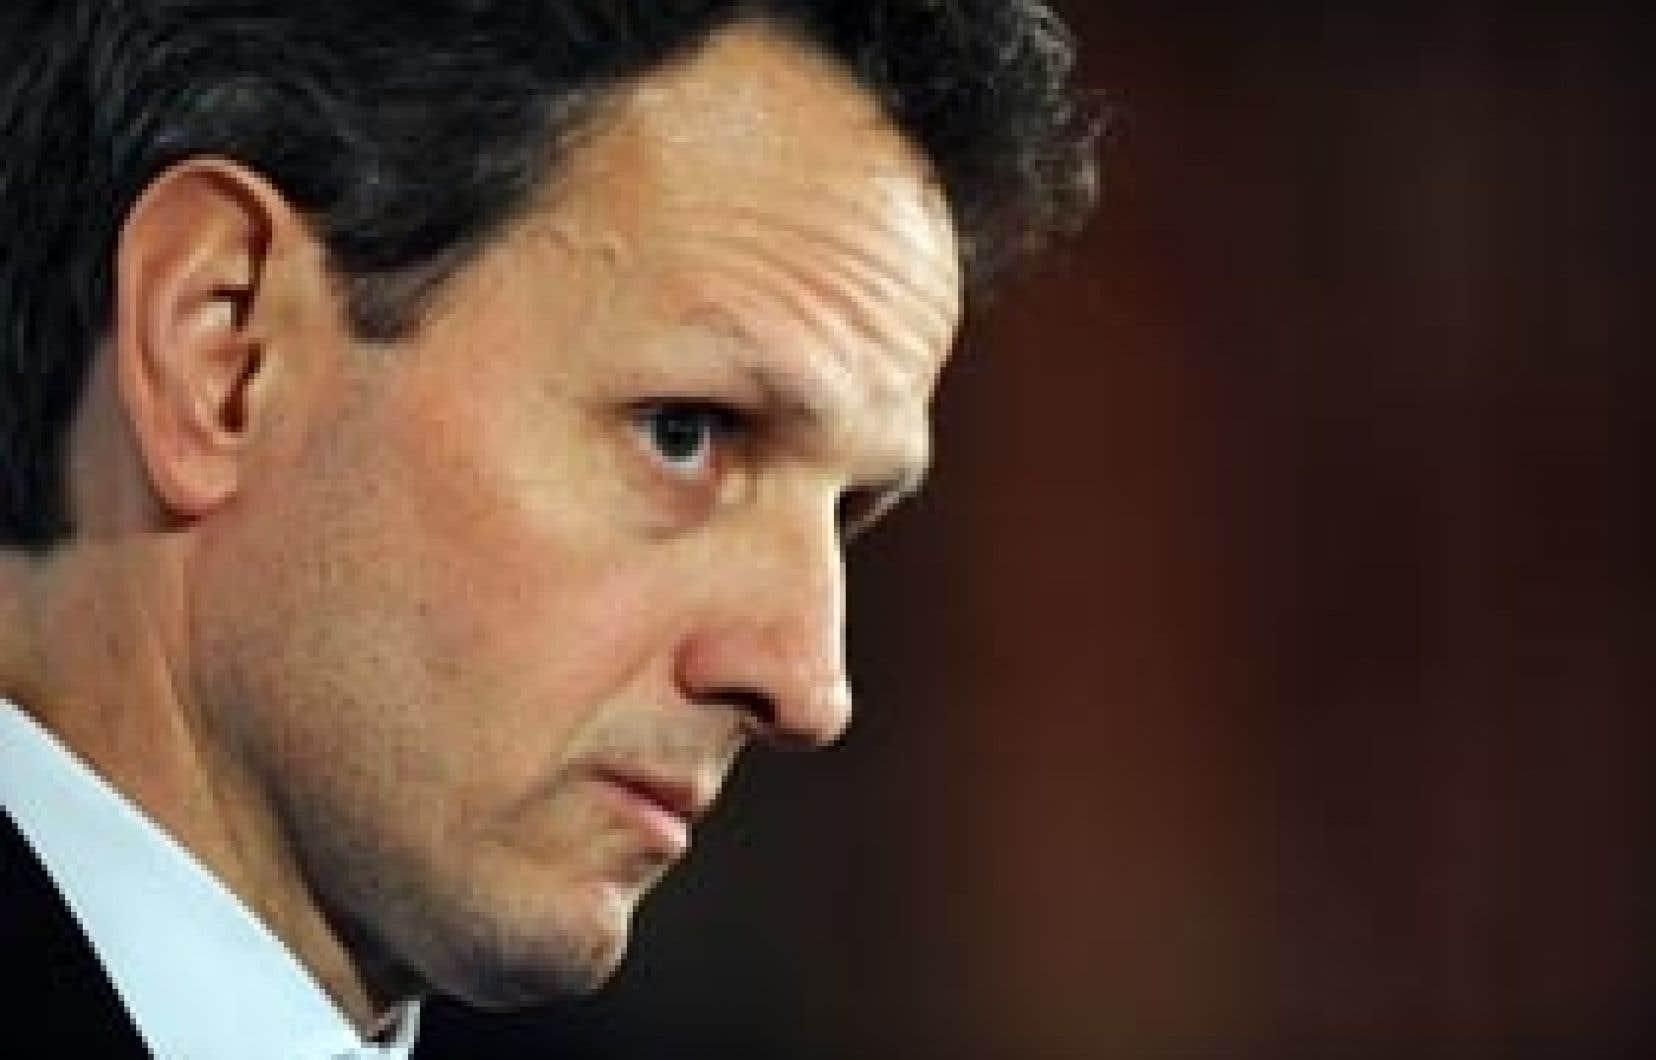 La classe politique exige de savoir dans quelle mesure Timothy Geithner, censé superviser AIG depuis que l'État détient 79,9 % du capital, était au courant des 165 millions de dollars de primes remis à l'encadrement et pourquoi il n'a rien fai